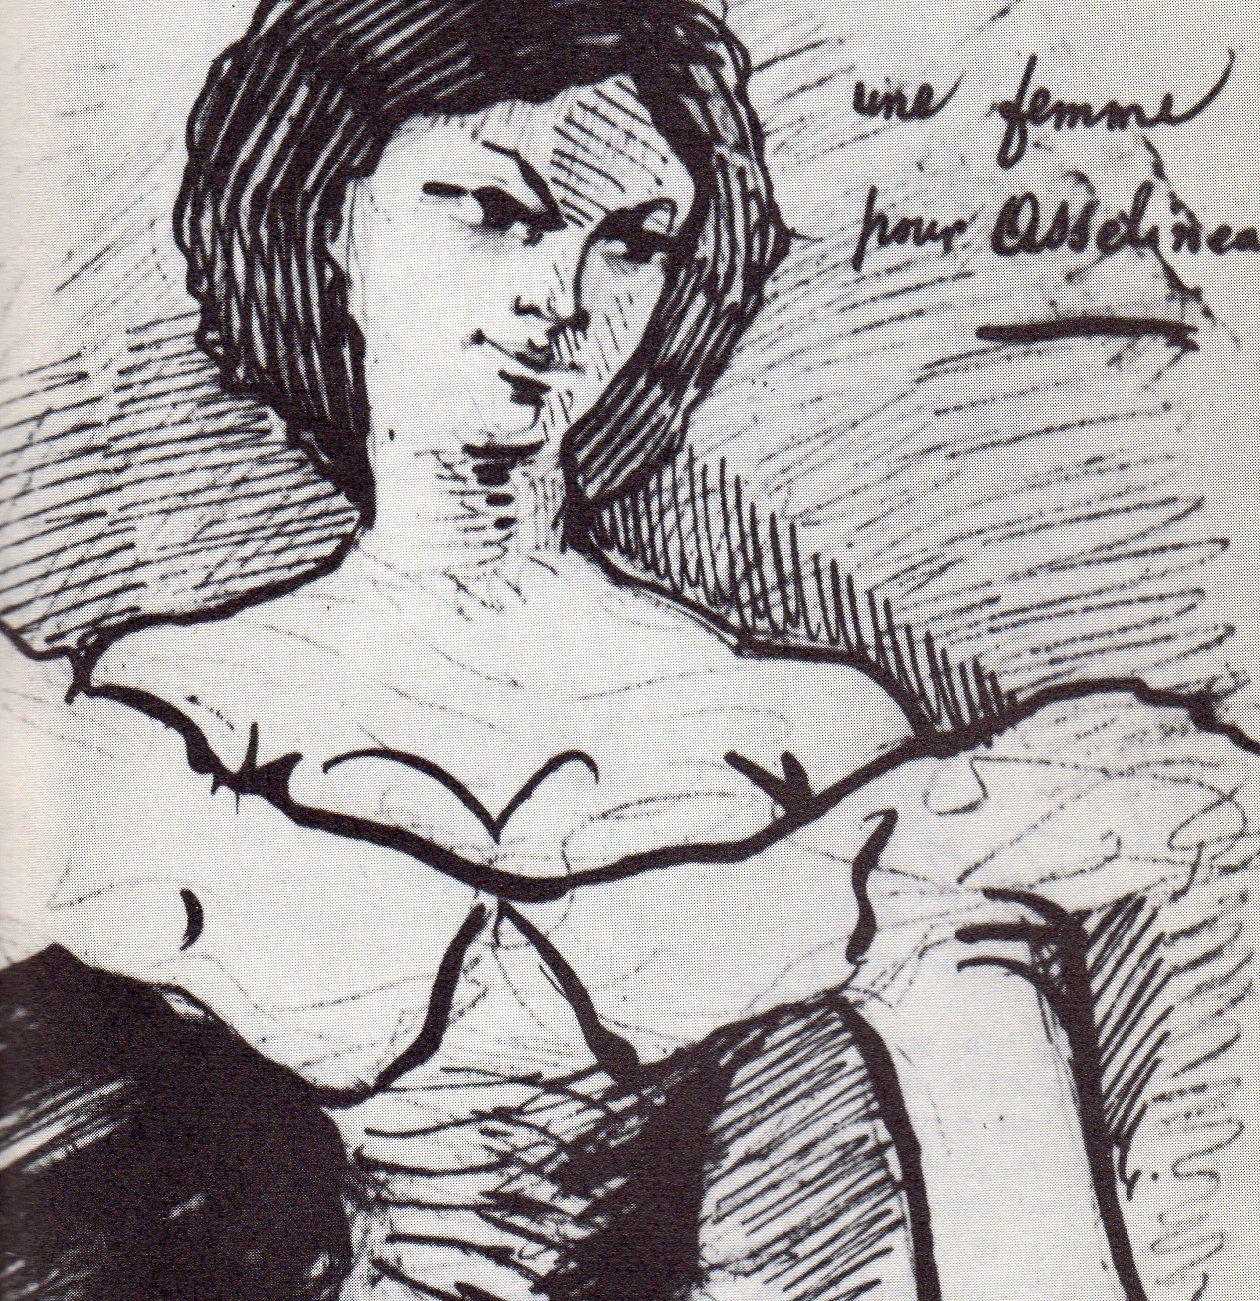 Dessin de Baudelaire dédié à Asselineau et reproduit page 37 du Baudelaire par lui-même, Seuil, 1952, présenté par Pascal Pia, ainsi que dans Charles Baudelaire, Seghers n° 31, 1963, par Luc Decaunes, page 111 &#x3B; et dessin de Baudelaire à l'encre de Chine et rehaussé de vermillon.  Ce dessin, dédié à Paul Chenavard a été reproduit page 34 du Baudelaire par lui-même, Seuil 1952, présenté par Pascal Pia.